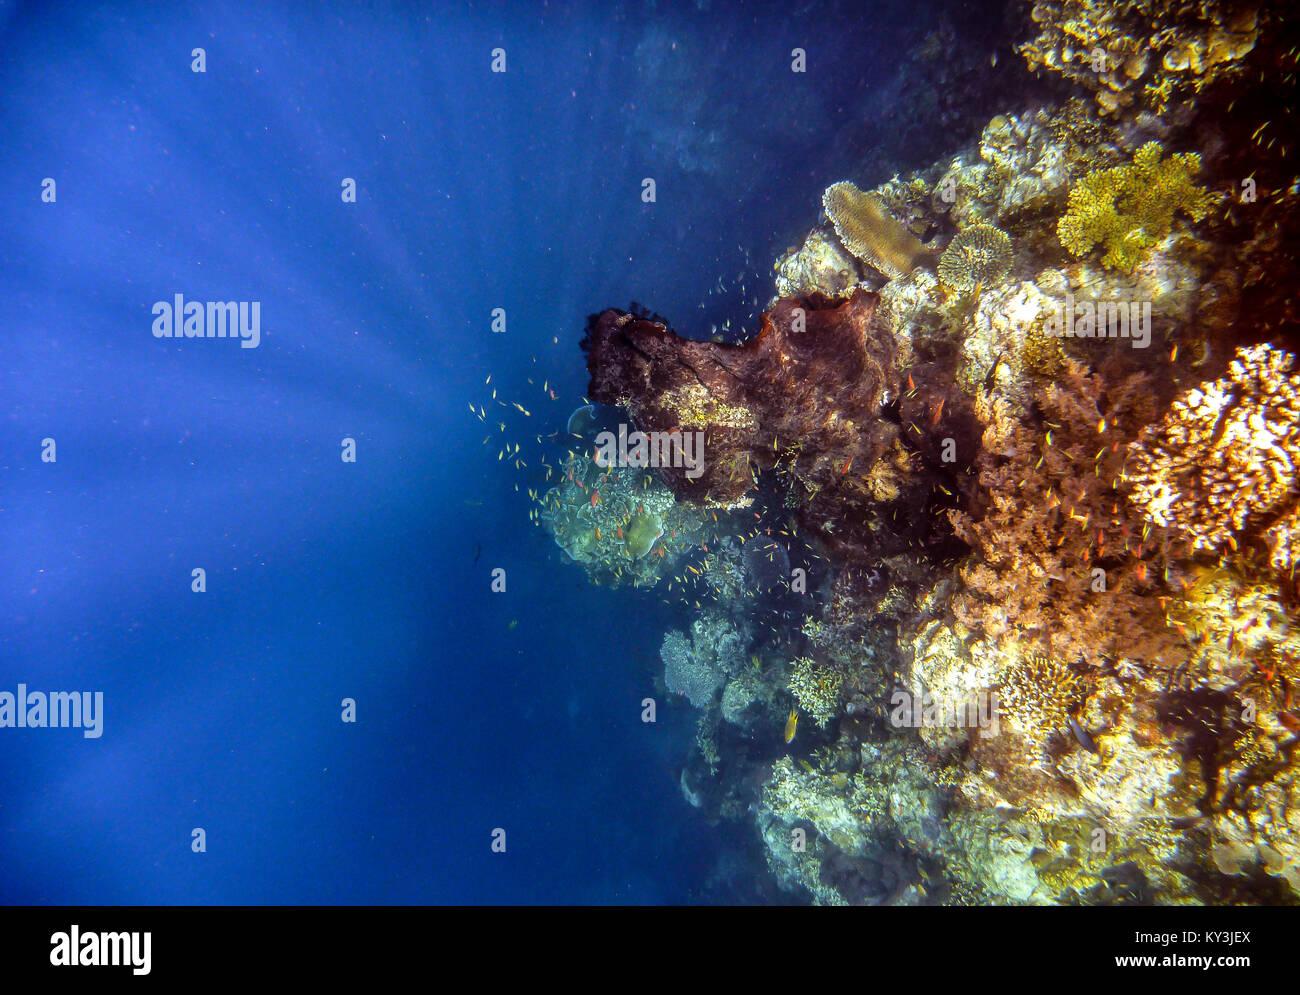 Coral reef of Menjangan island in West Bali National Park. - Stock Image